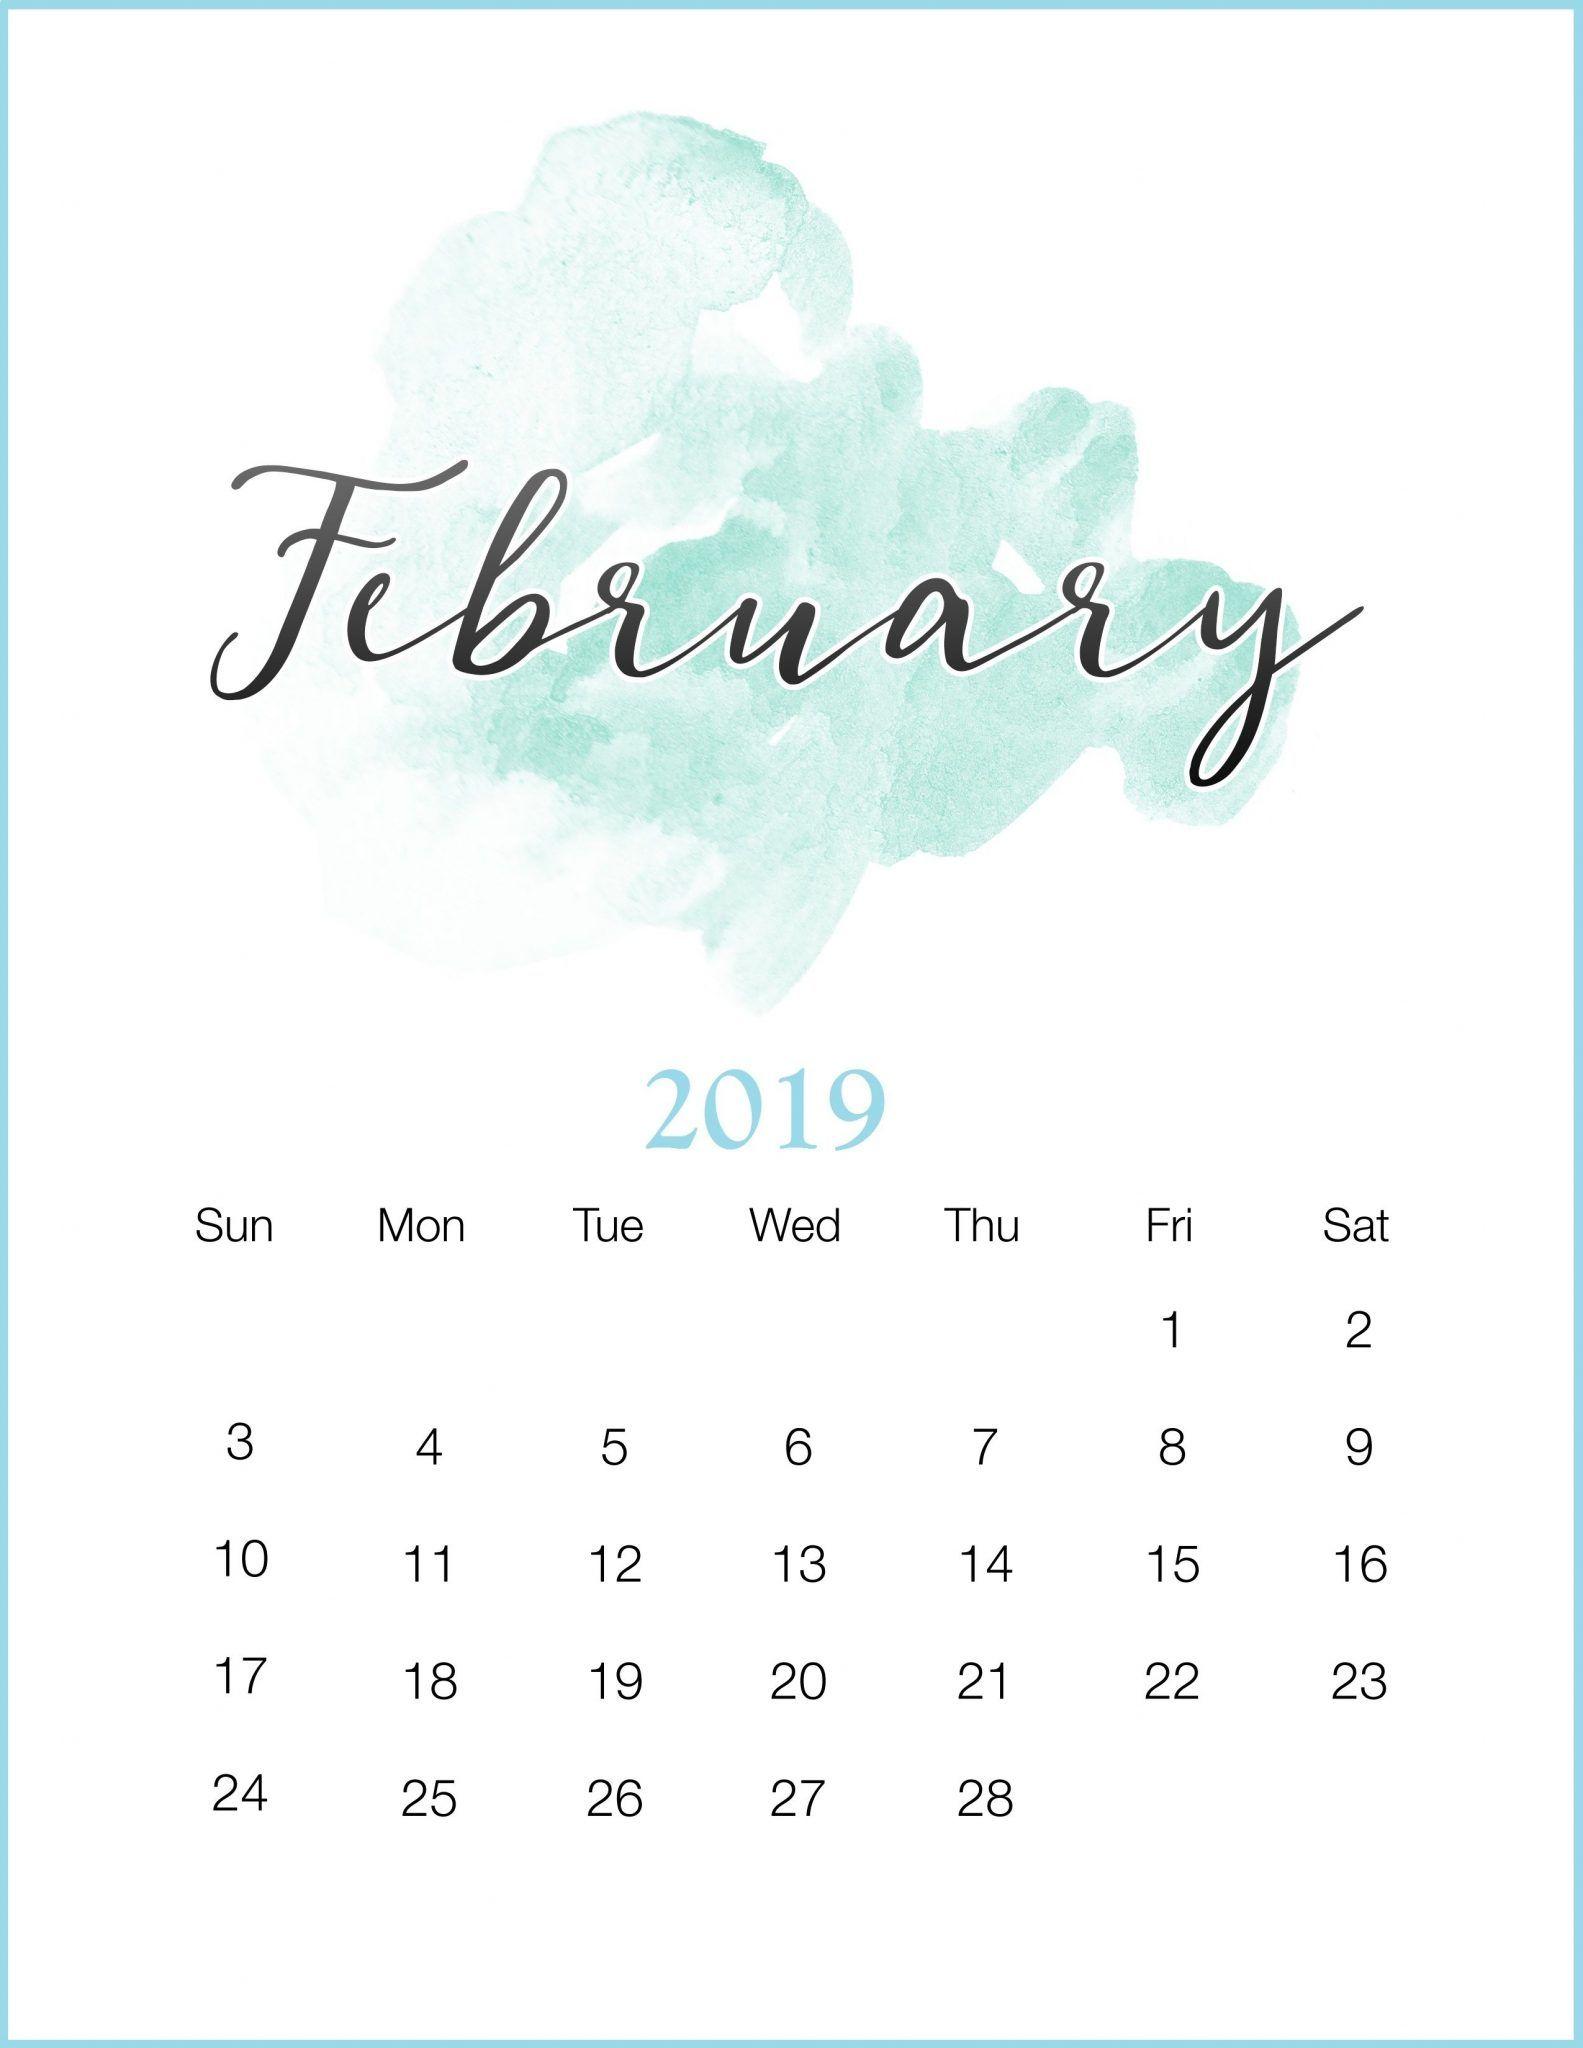 February 2019 Calendar Bullet Journal February 2019 Calendar Portrait   February 2019 Calendar Printable